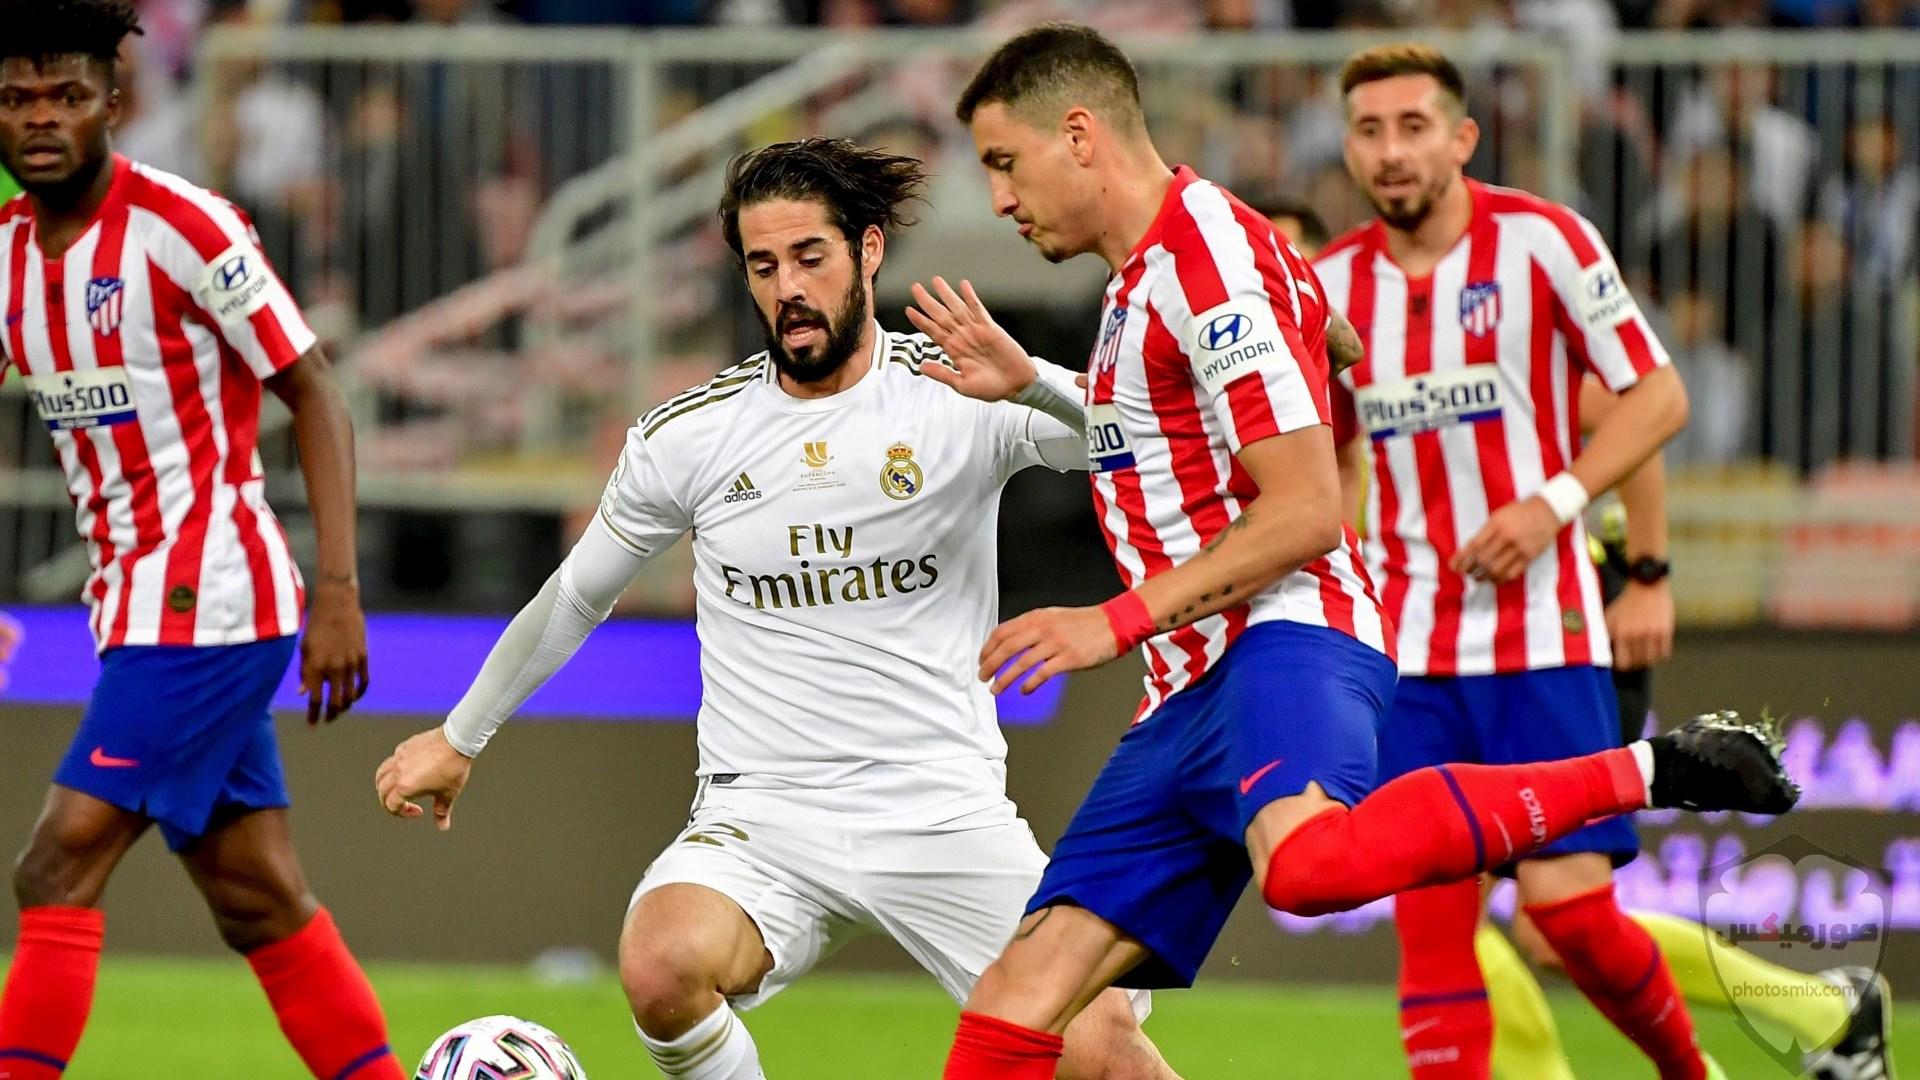 صور لاعبي ريال مدريد 41